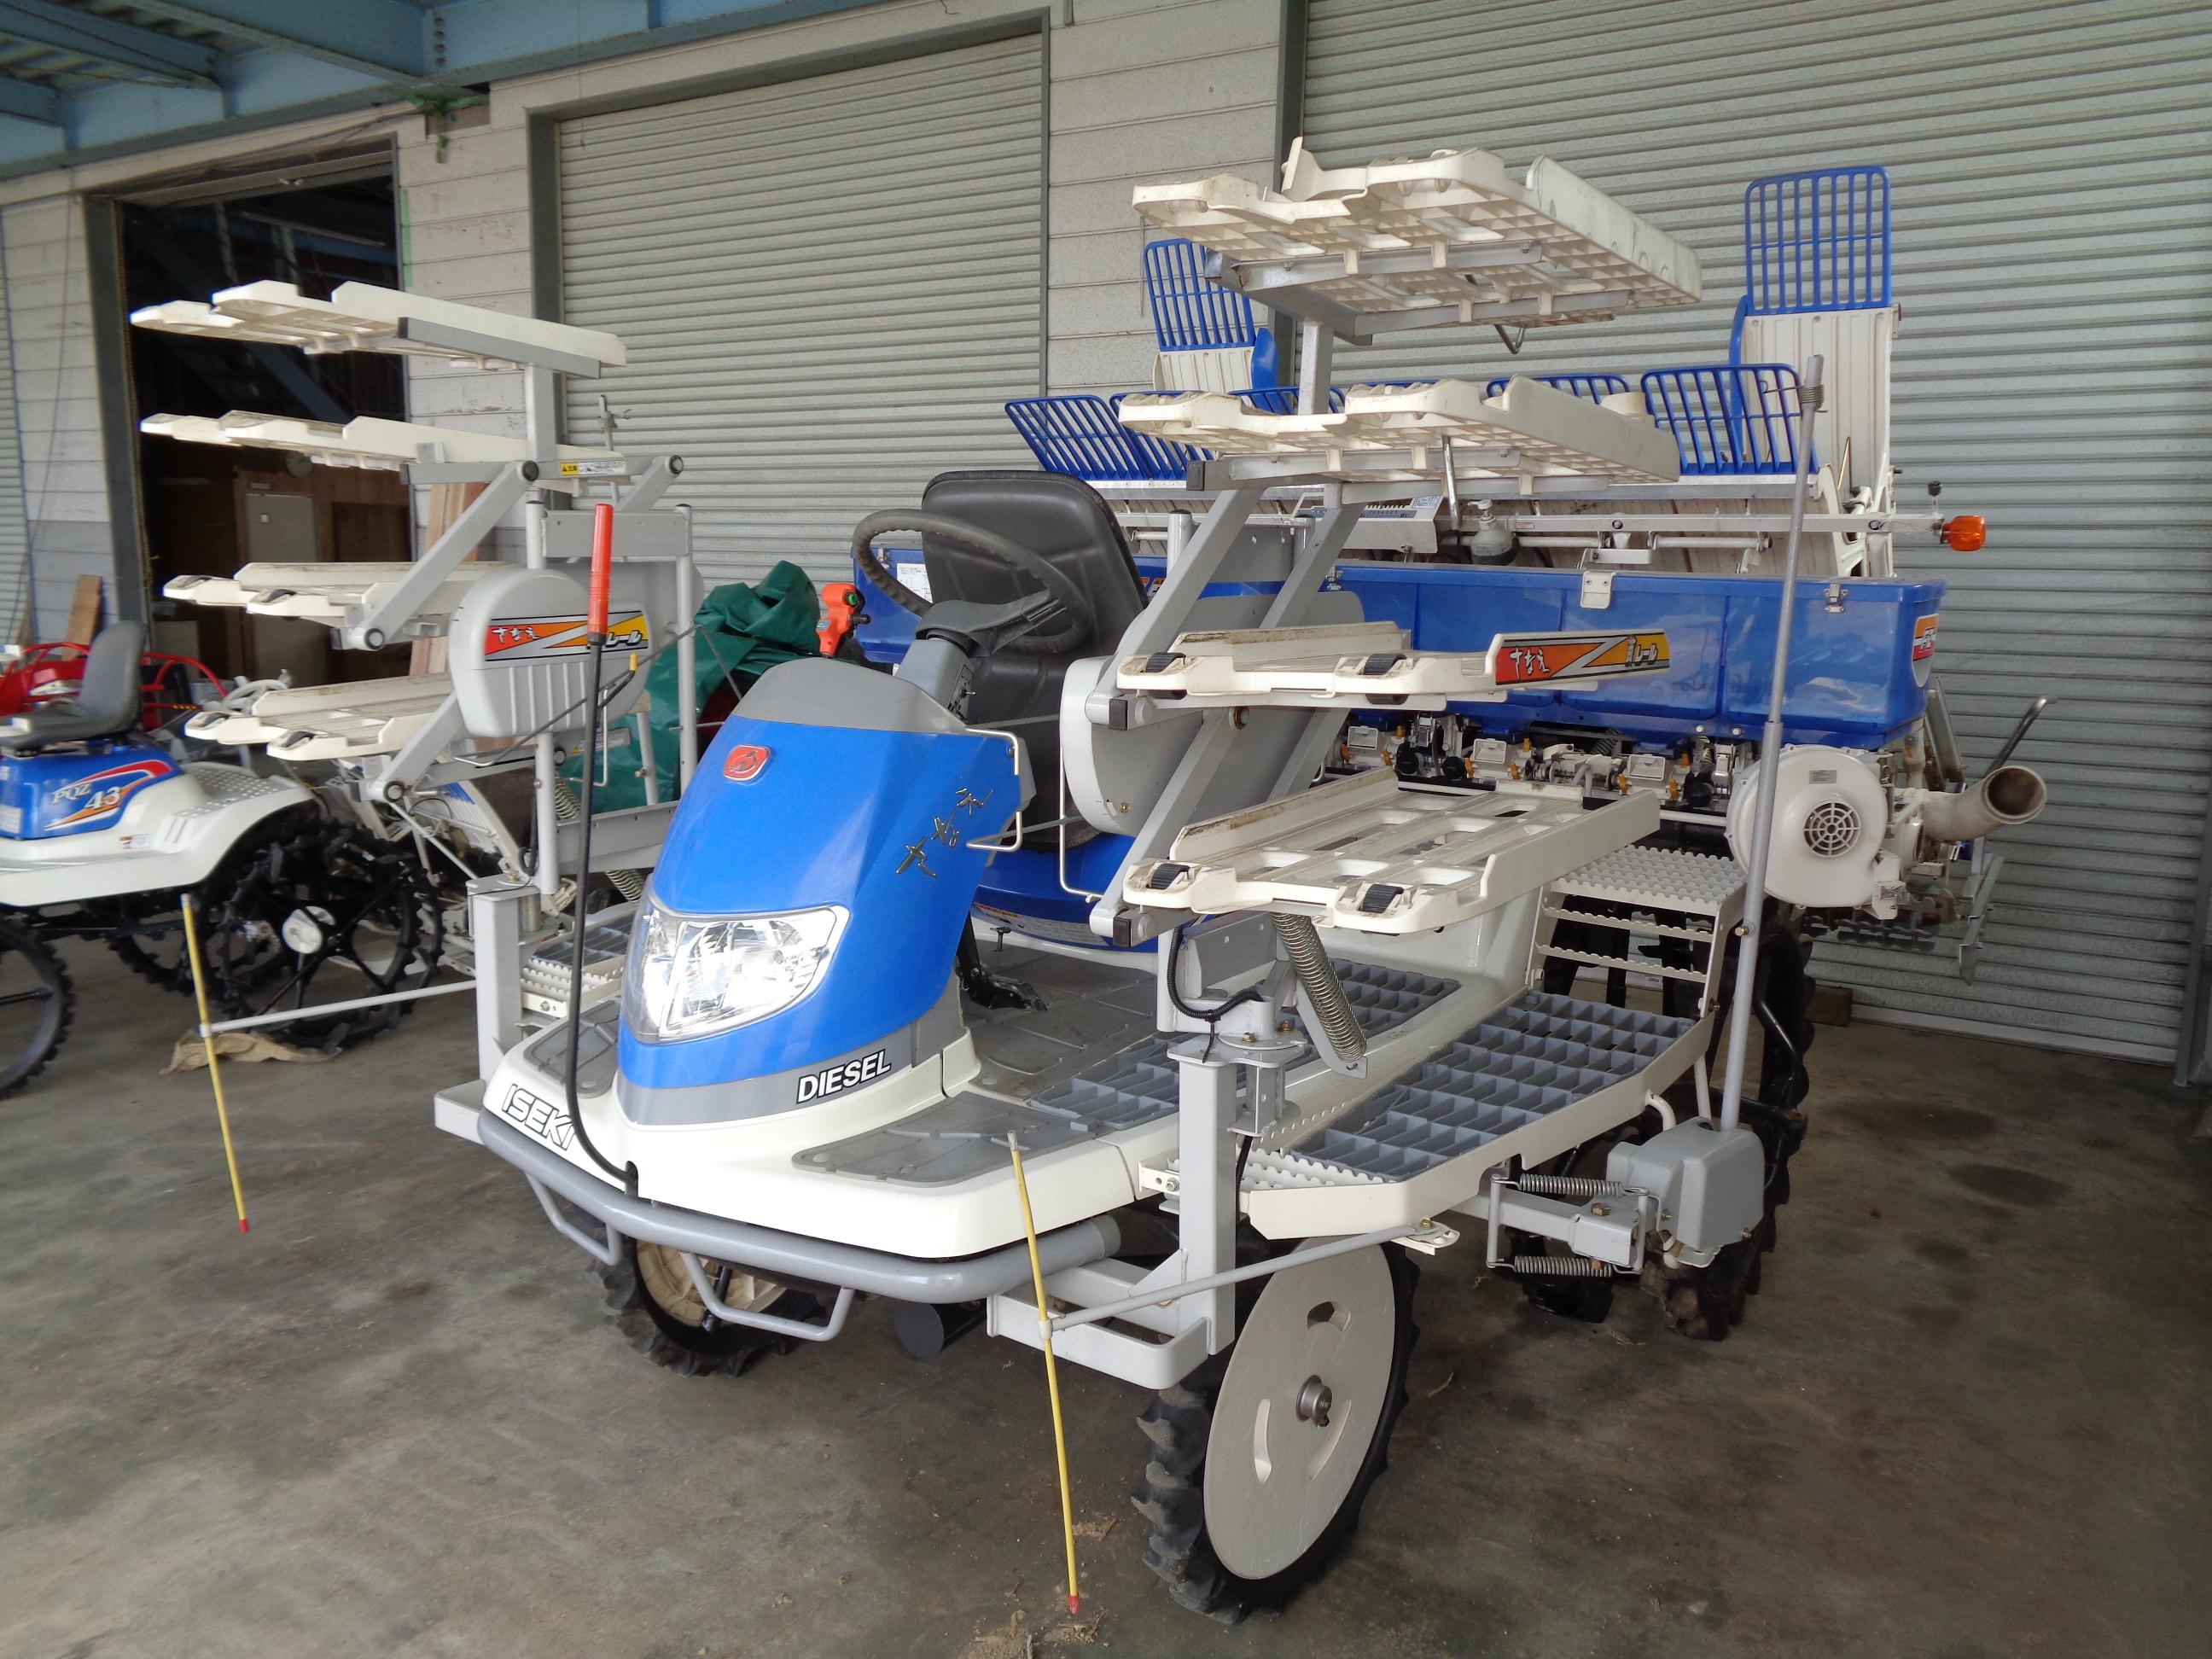 中古田植え機 イセキ PZ83HDLF 空気入り補助タイヤ 施肥付 跡消しローター